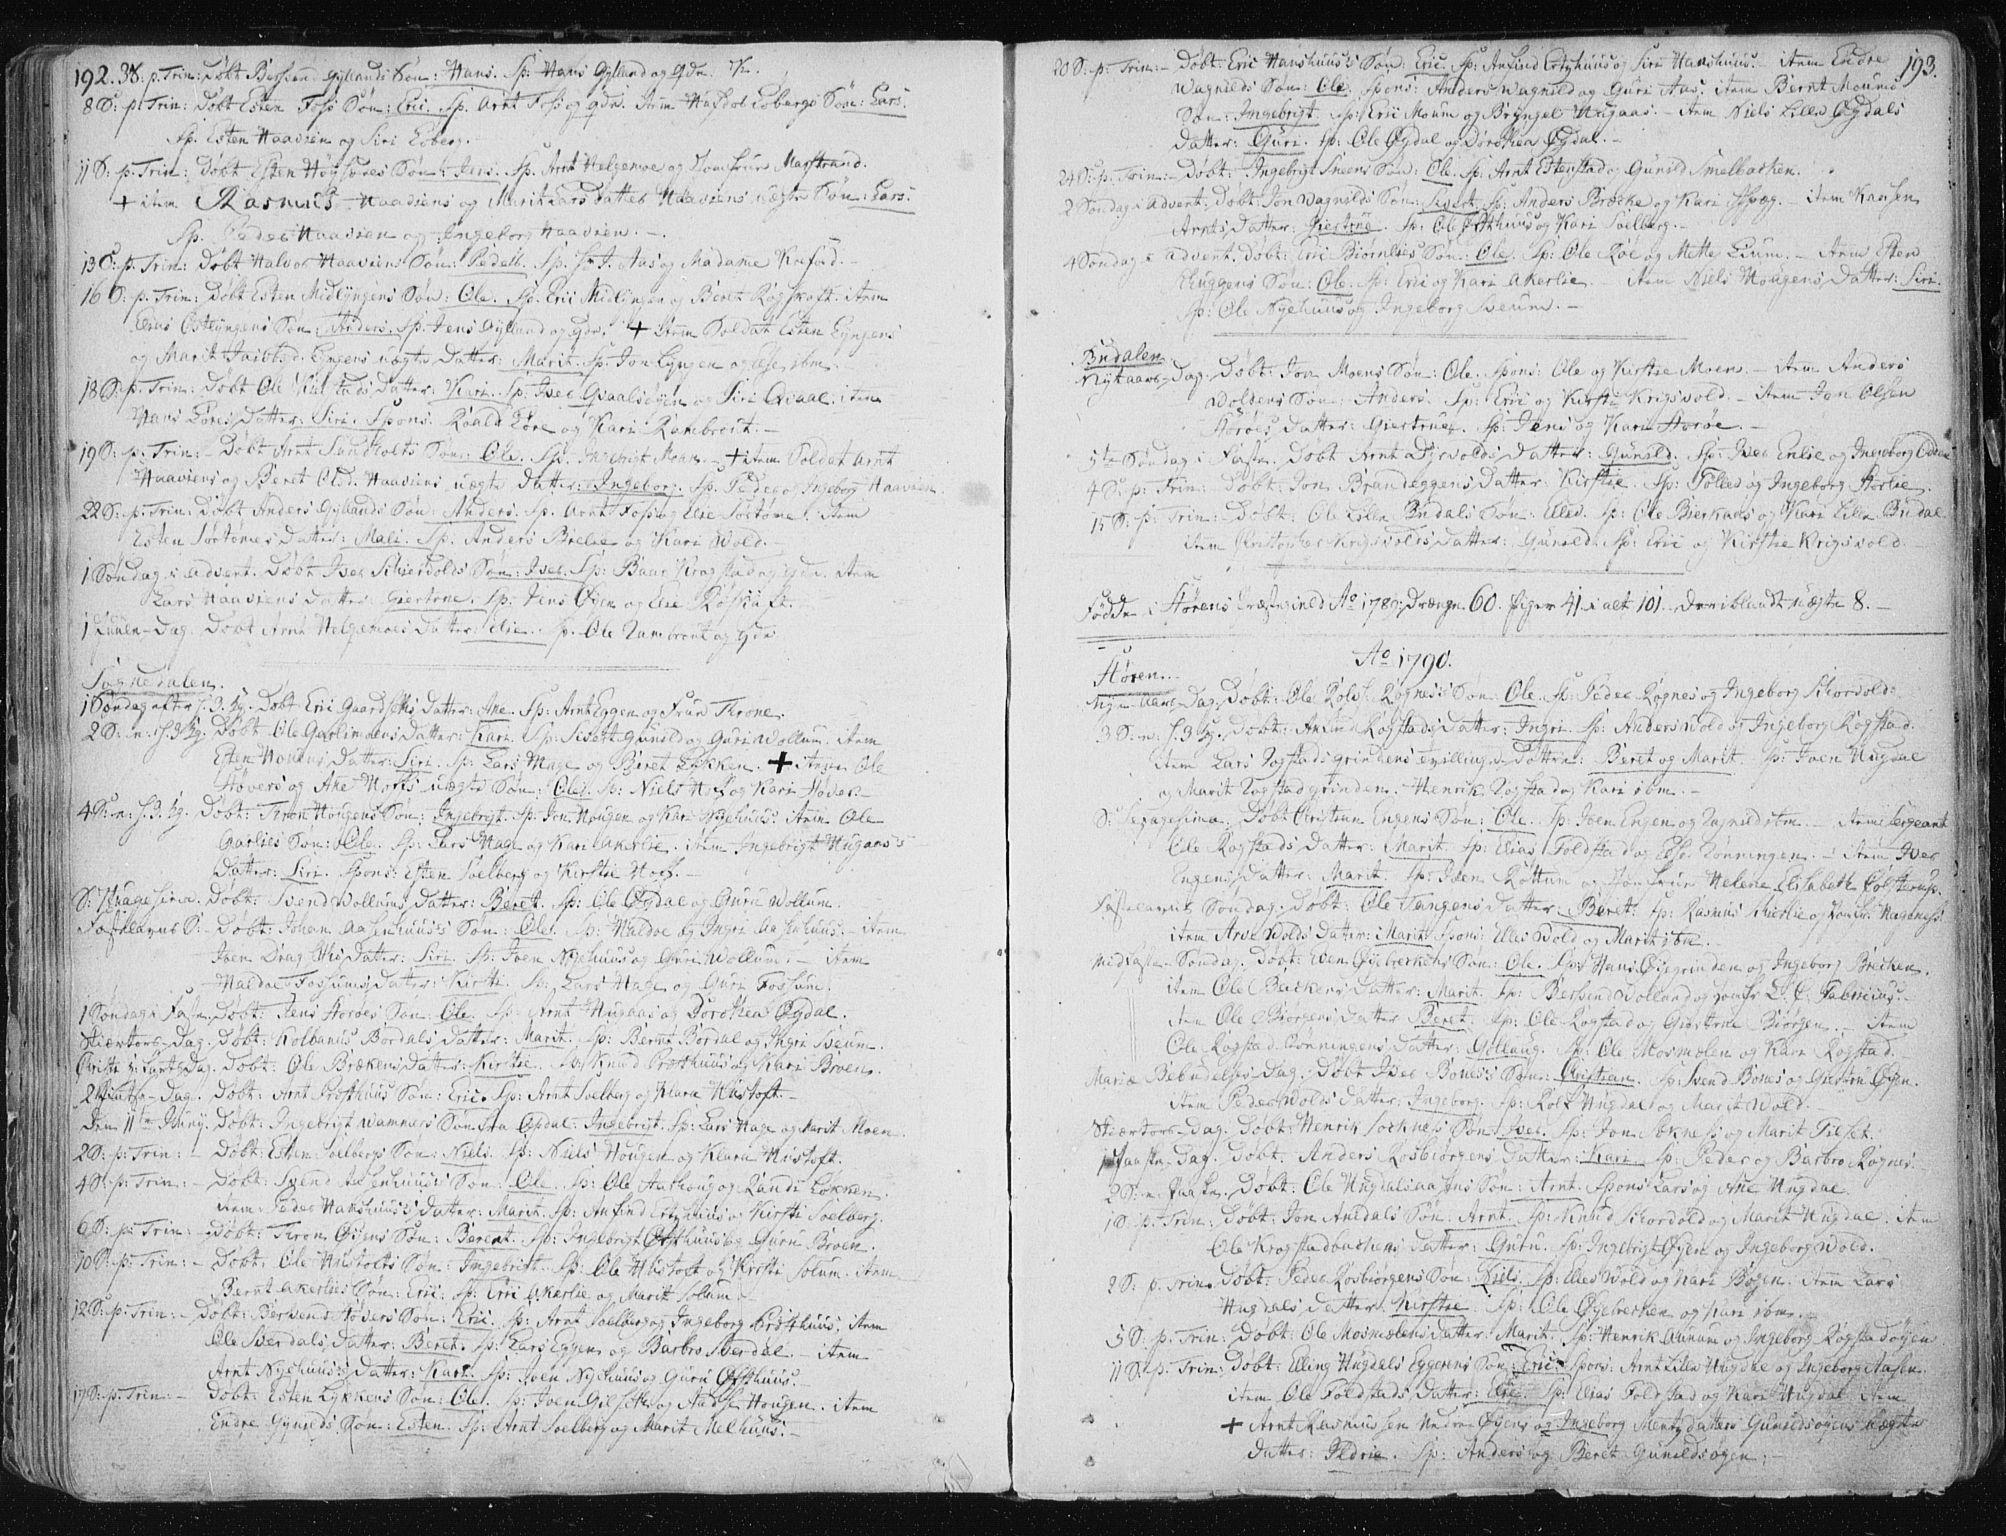 SAT, Ministerialprotokoller, klokkerbøker og fødselsregistre - Sør-Trøndelag, 687/L0992: Ministerialbok nr. 687A03 /1, 1788-1815, s. 192-193